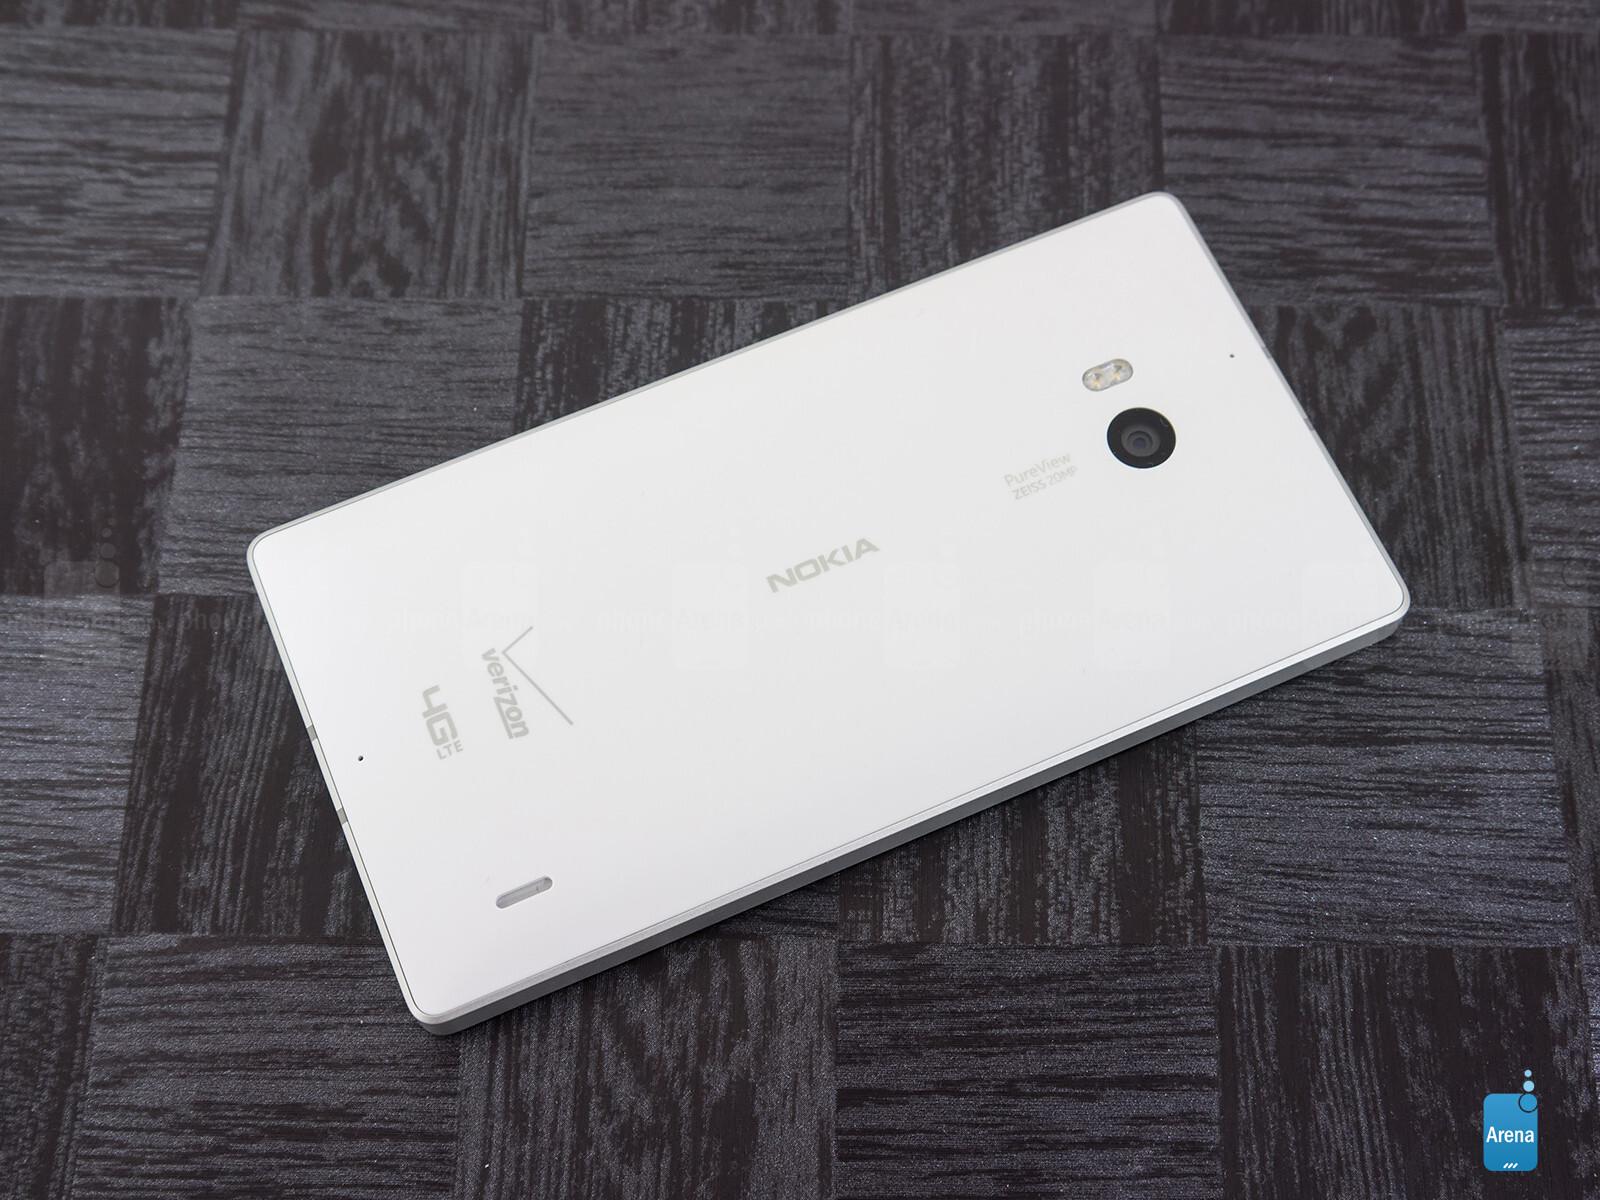 Sforum - Trang thông tin công nghệ mới nhất Nokia-Lumia-Icon-Review-007 Mở hộp Lumia Icon phiên bản nhà mạng Verizon